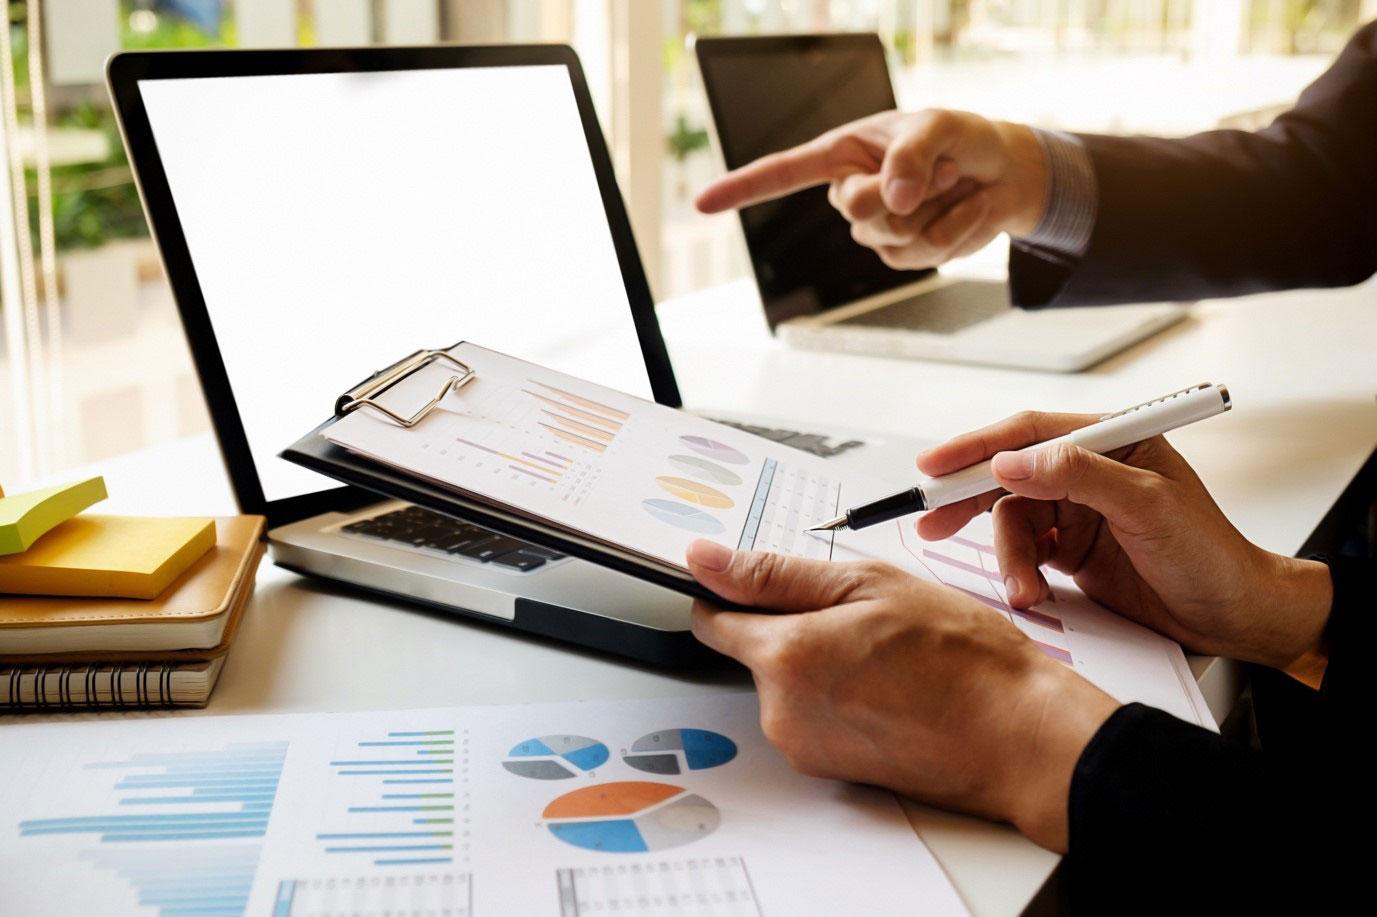 consultoria telecom / análise de contas telefônicas